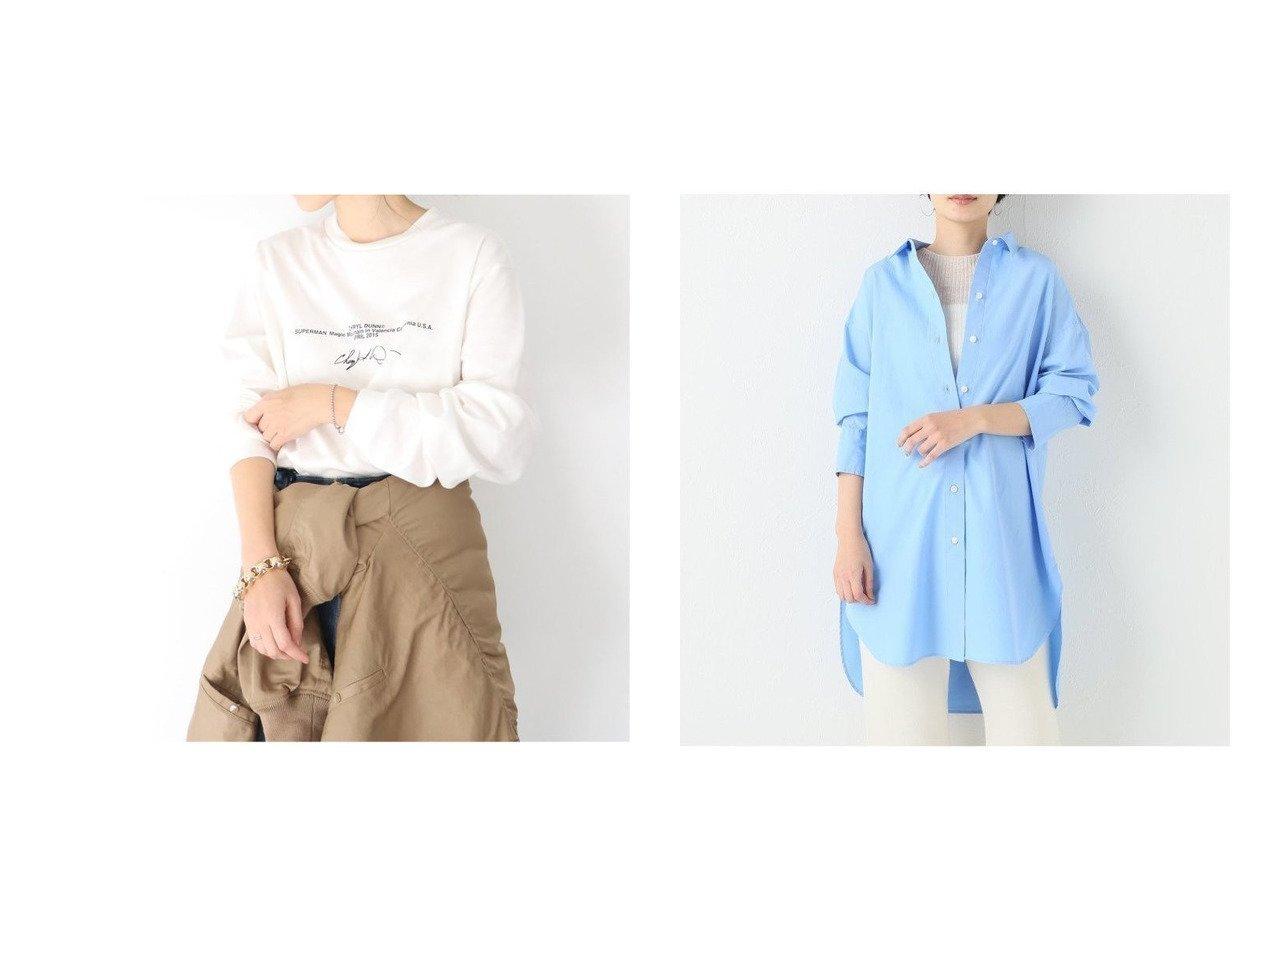 【Plage/プラージュ】のNuance シャツ&【ジェーンスミス】SL Tシャツ 【トップス・カットソー】おすすめ!人気、トレンド・レディースファッションの通販   おすすめで人気の流行・トレンド、ファッションの通販商品 メンズファッション・キッズファッション・インテリア・家具・レディースファッション・服の通販 founy(ファニー) https://founy.com/ ファッション Fashion レディースファッション WOMEN トップス・カットソー Tops/Tshirt シャツ/ブラウス Shirts/Blouses ロング / Tシャツ T-Shirts カットソー Cut and Sewn 2021年 2021 2021春夏・S/S SS/Spring/Summer/2021 A/W・秋冬 AW・Autumn/Winter・FW・Fall-Winter S/S・春夏 SS・Spring/Summer カットソー コレクション シンプル スタイリッシュ スタンダード スリット リラックス 再入荷 Restock/Back in Stock/Re Arrival 春 Spring 2020年 2020 2020-2021秋冬・A/W AW・Autumn/Winter・FW・Fall-Winter/2020-2021 |ID:crp329100000026584